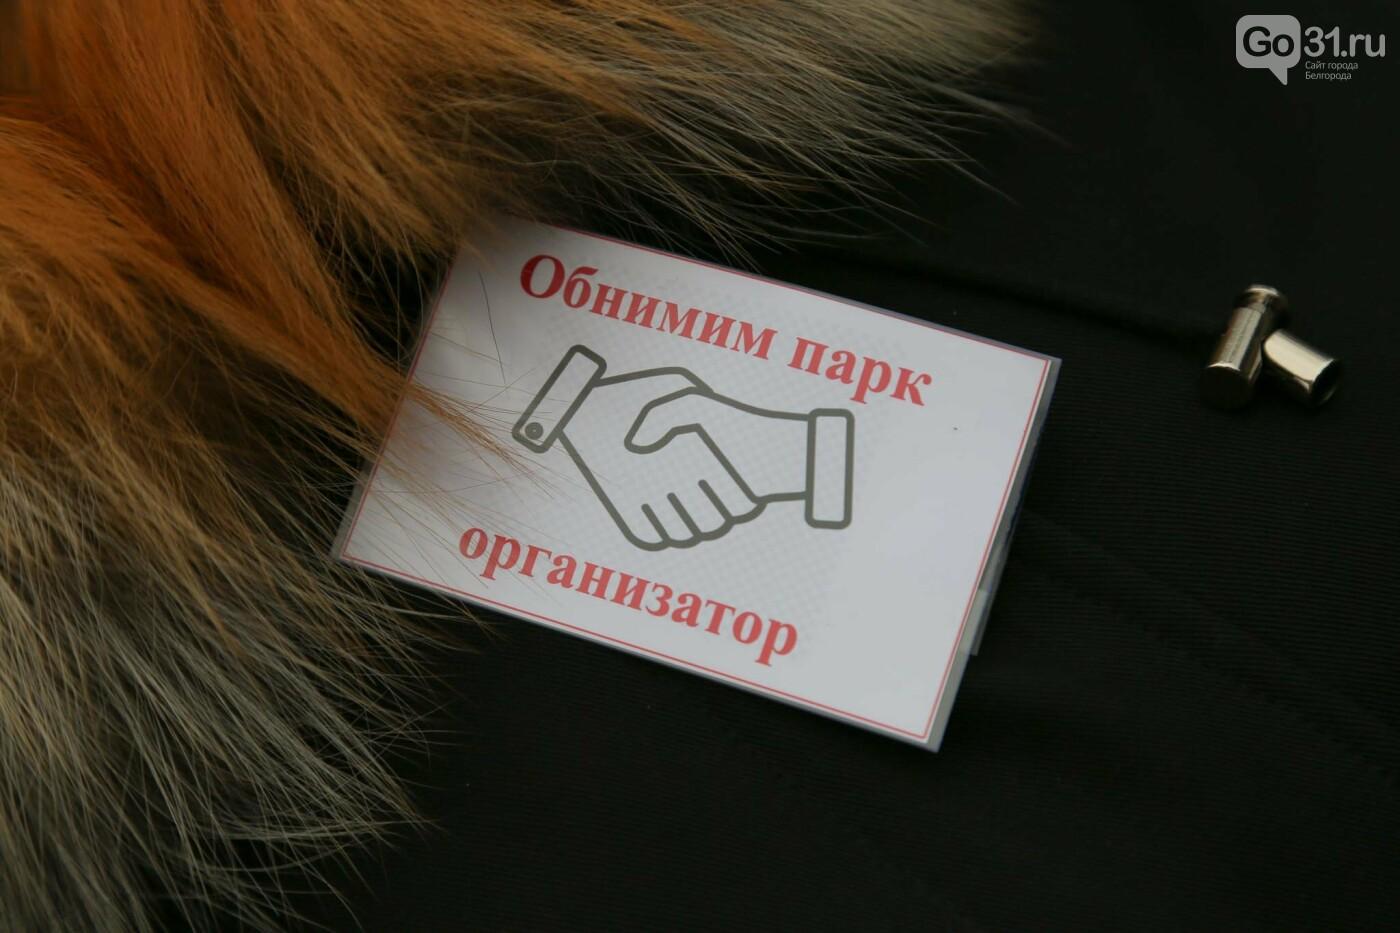 Александр Каракулов: С Центральным парком сейчас всё складывается не лучшим образом, фото-19